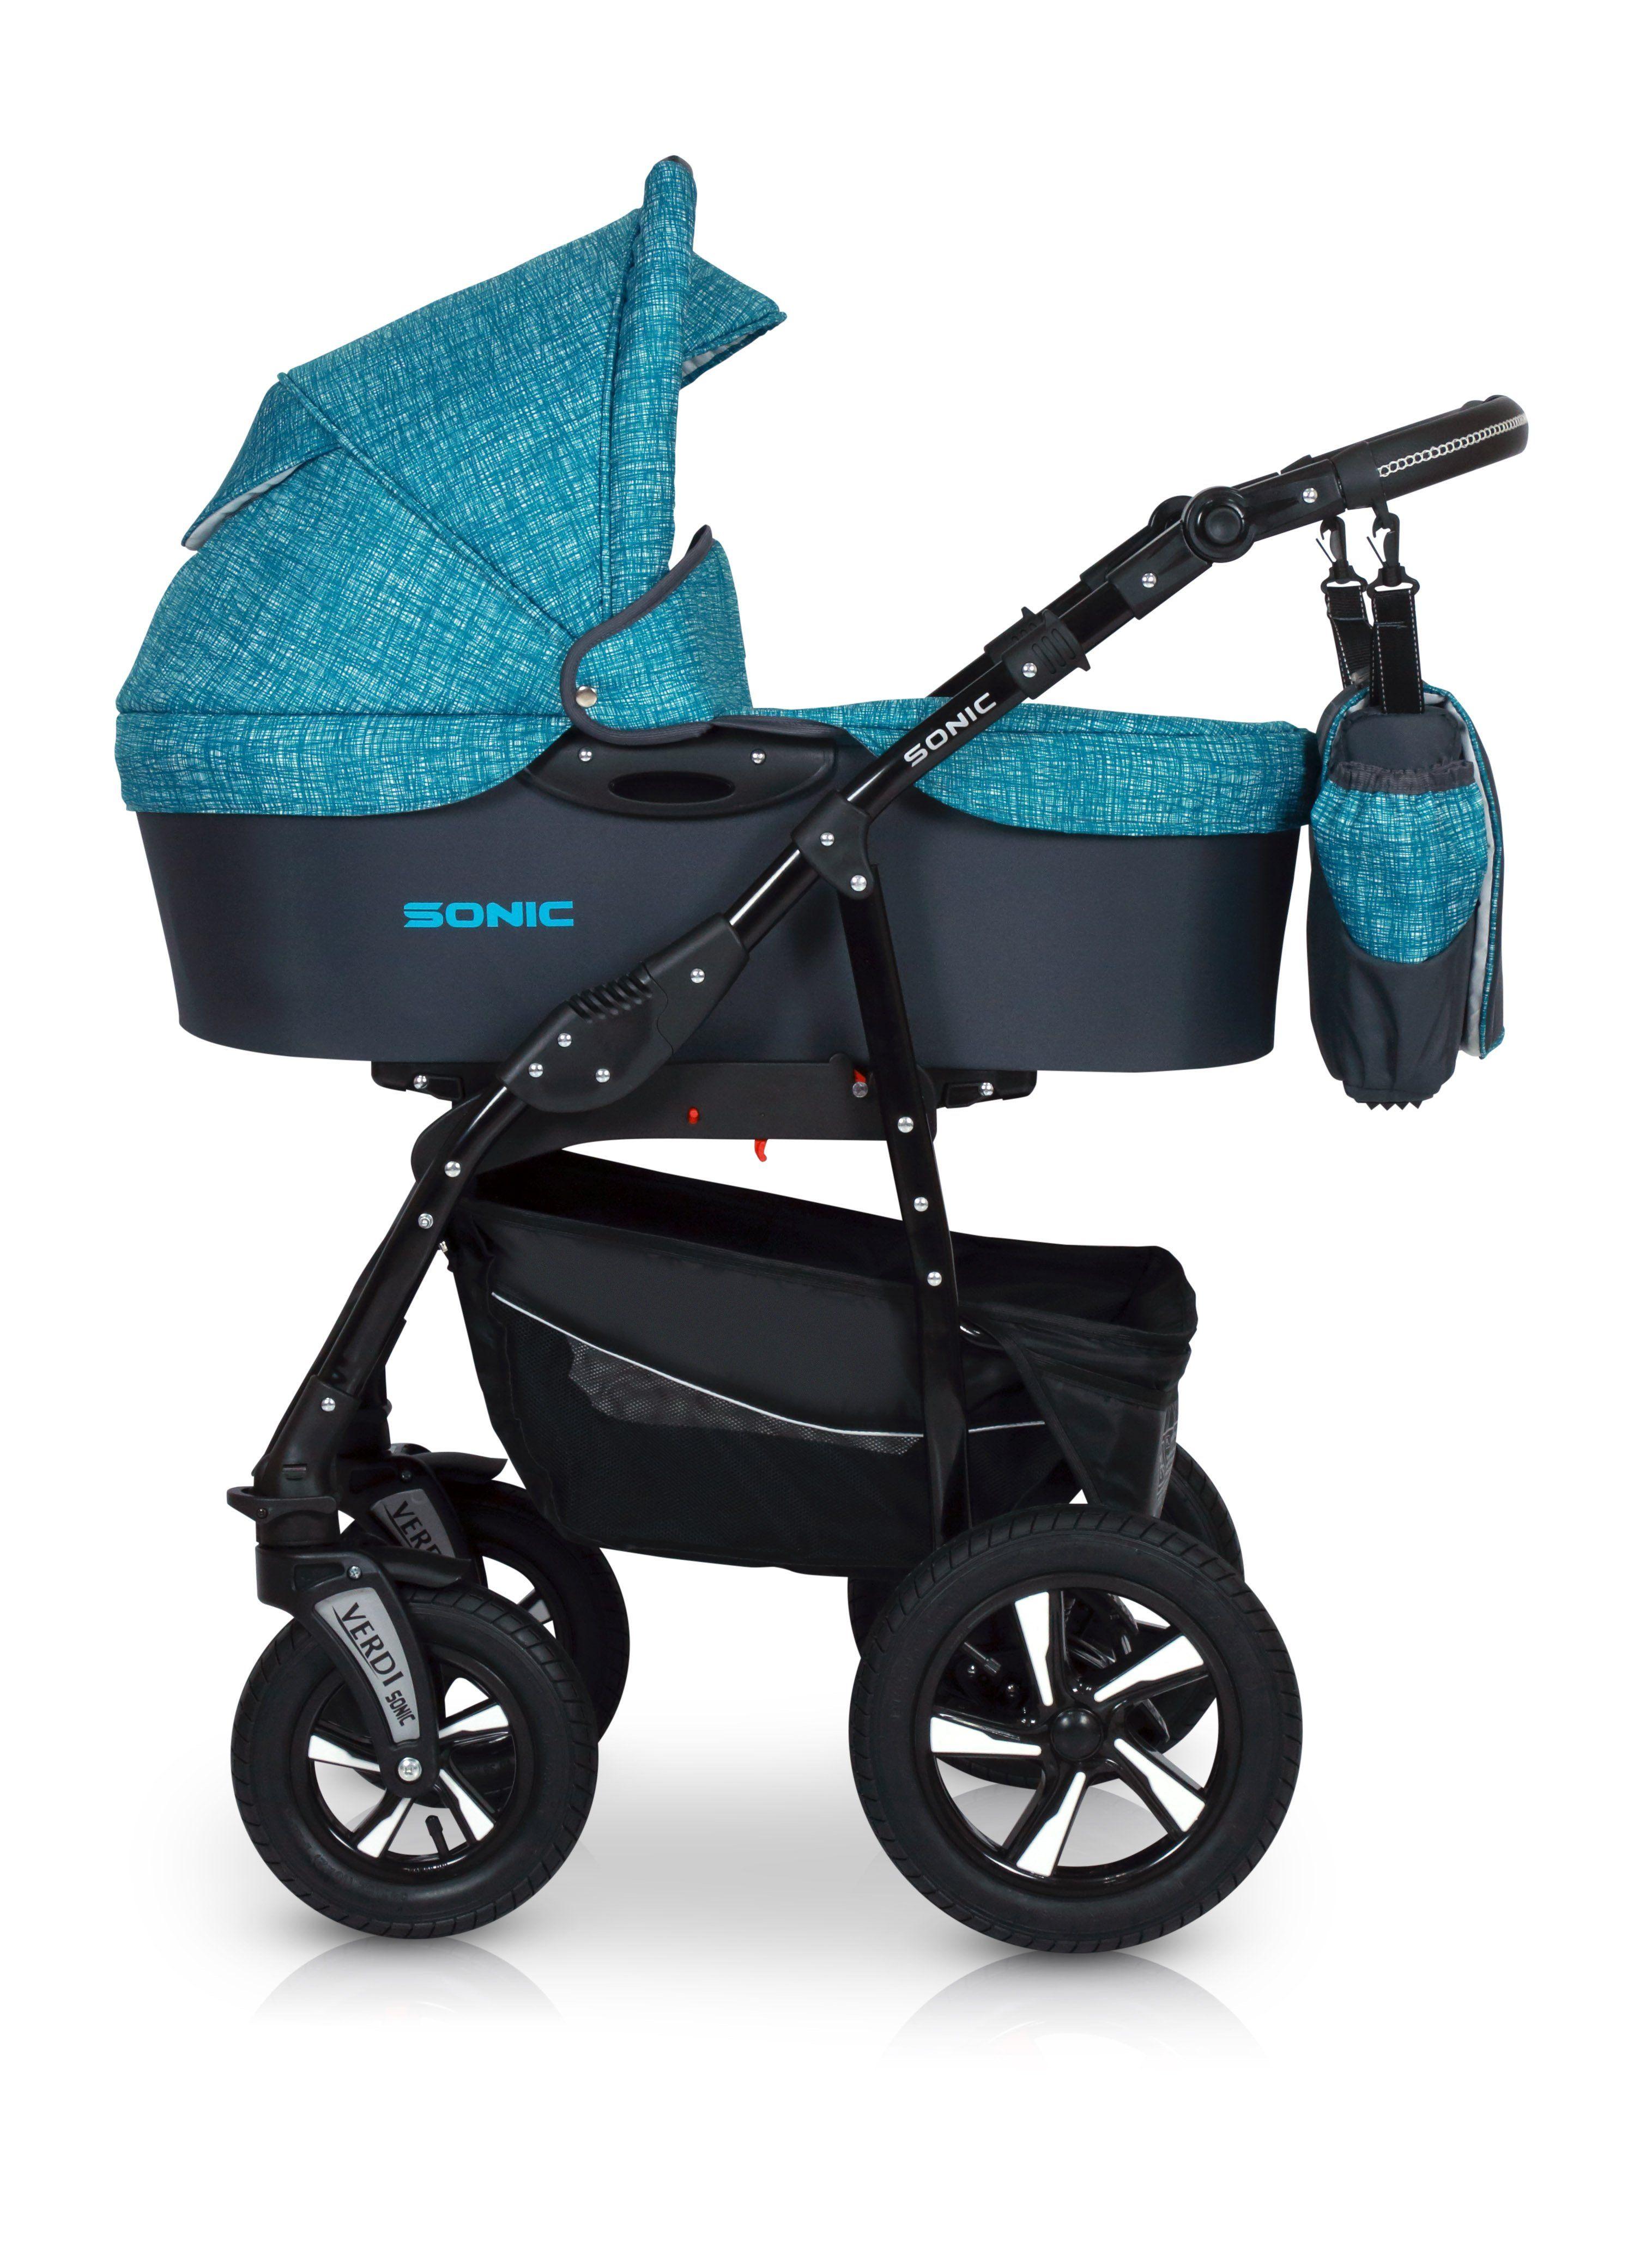 SONIC Comfort Line 3in1 Stroller, Pram stroller, Pram